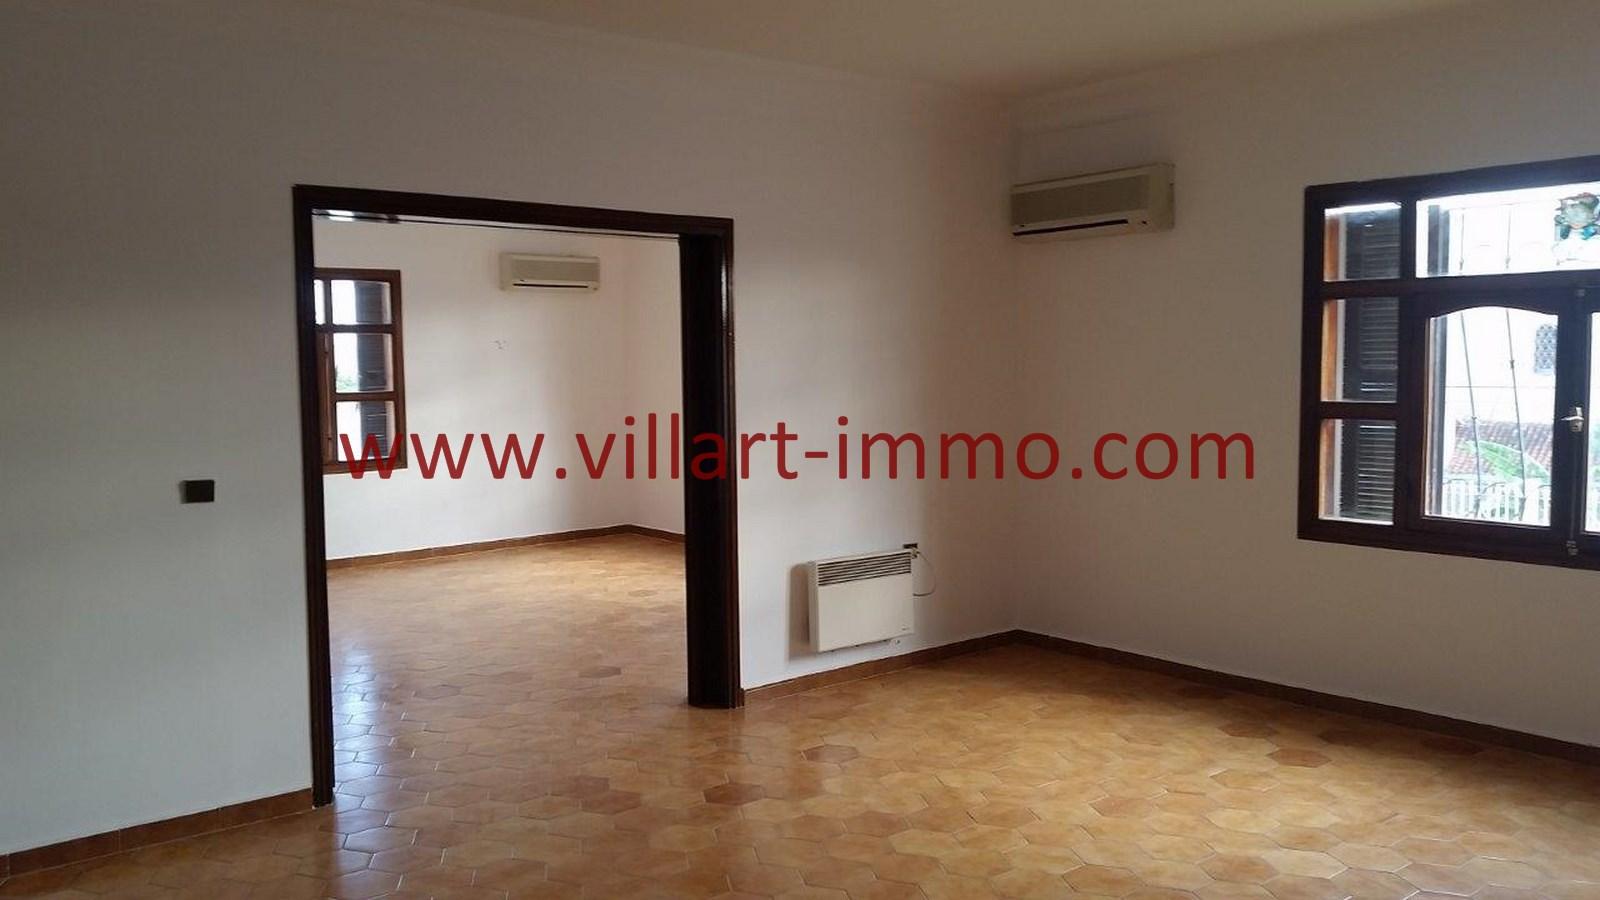 4-Vente-Villa-Tanger-Salon 3-VV528-Villart Immo